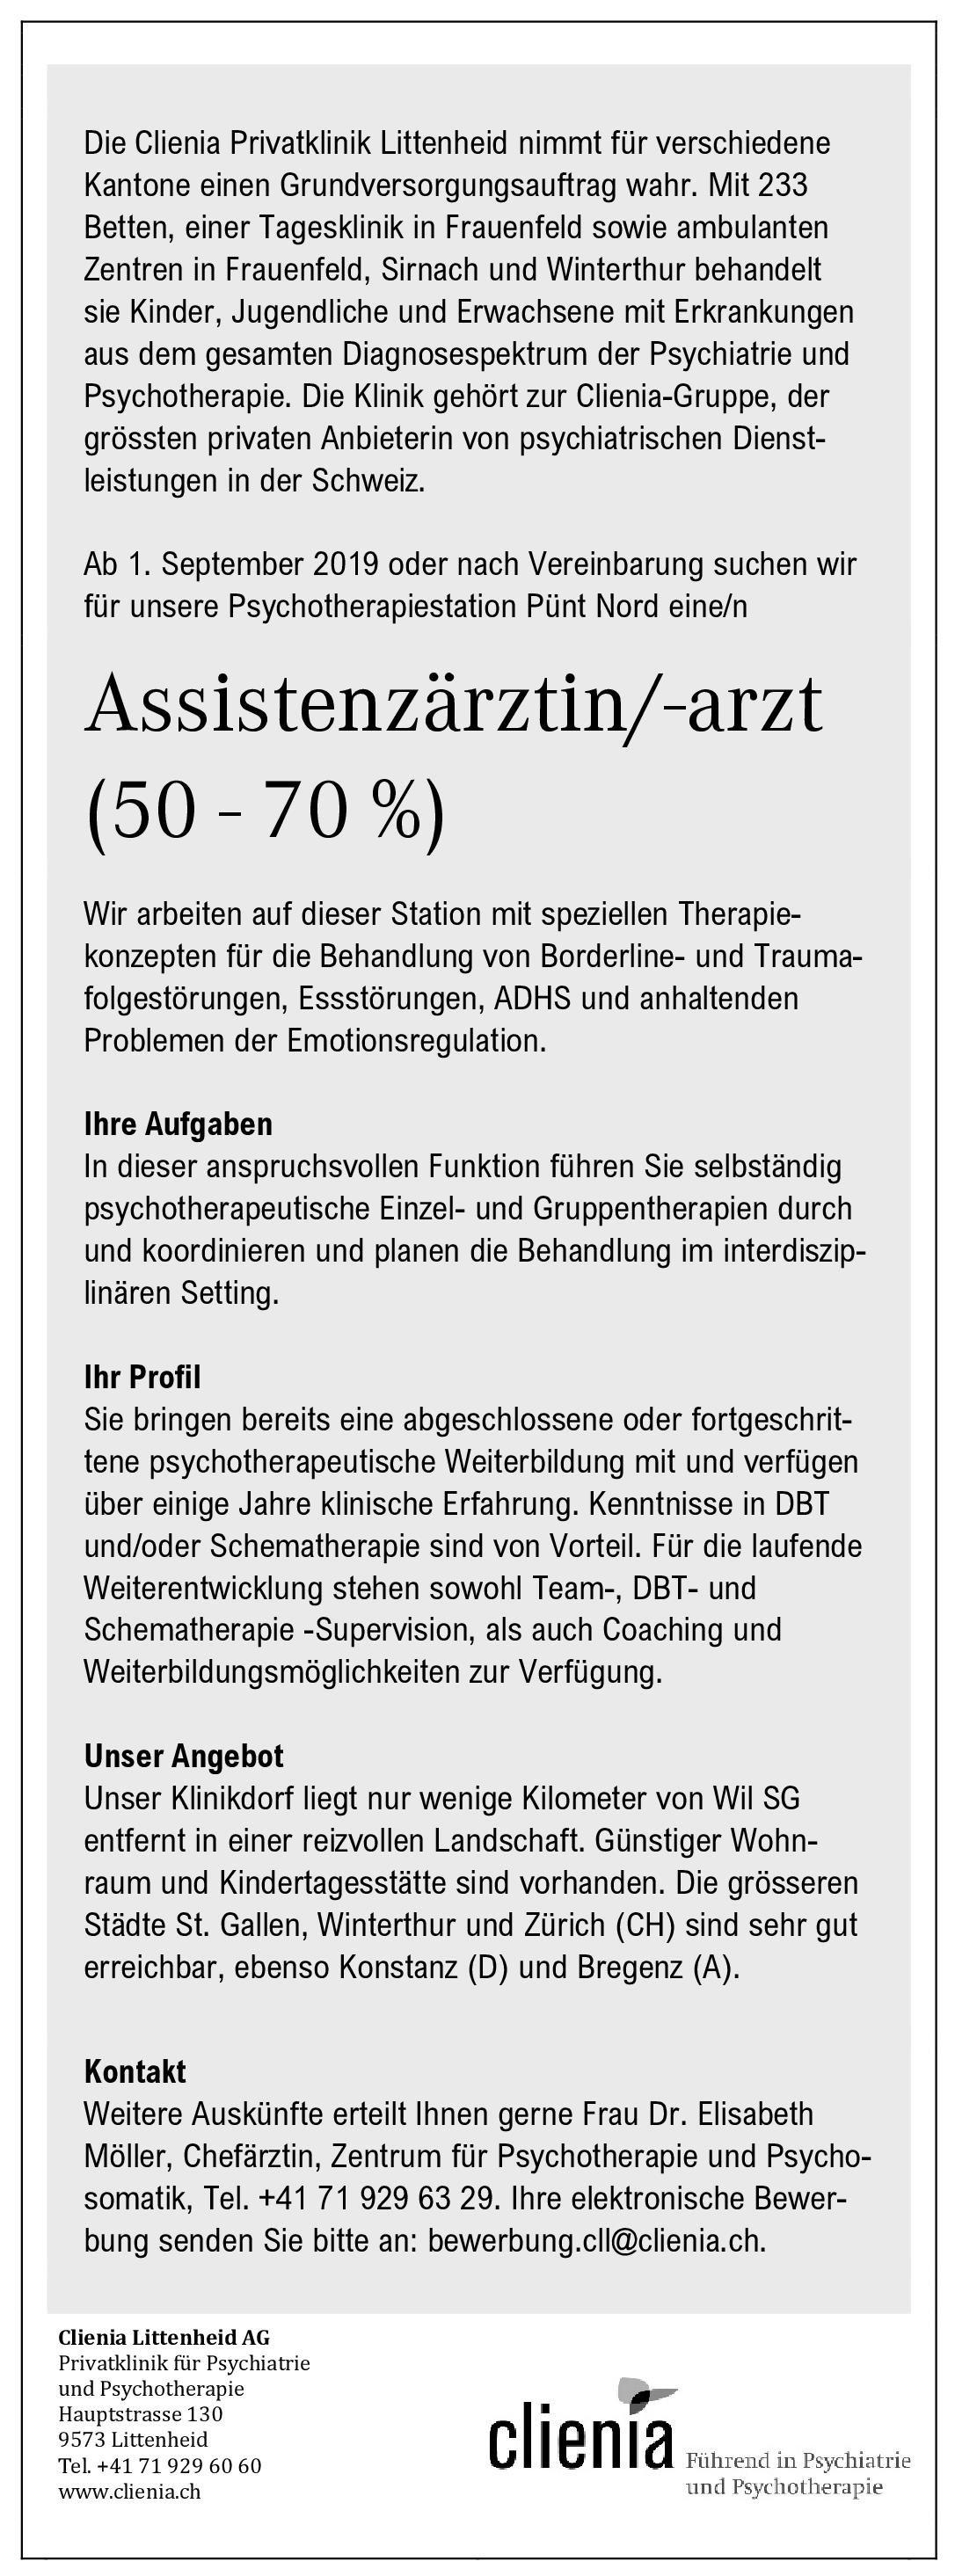 Clienia Privatklinik Littenheid Assistenzärztin/-arzt (50 - 70 %) für die Psychotherapiestation  Psychiatrie und Psychotherapie, Psychiatrie und Psychotherapie Assistenzarzt / Arzt in Weiterbildung